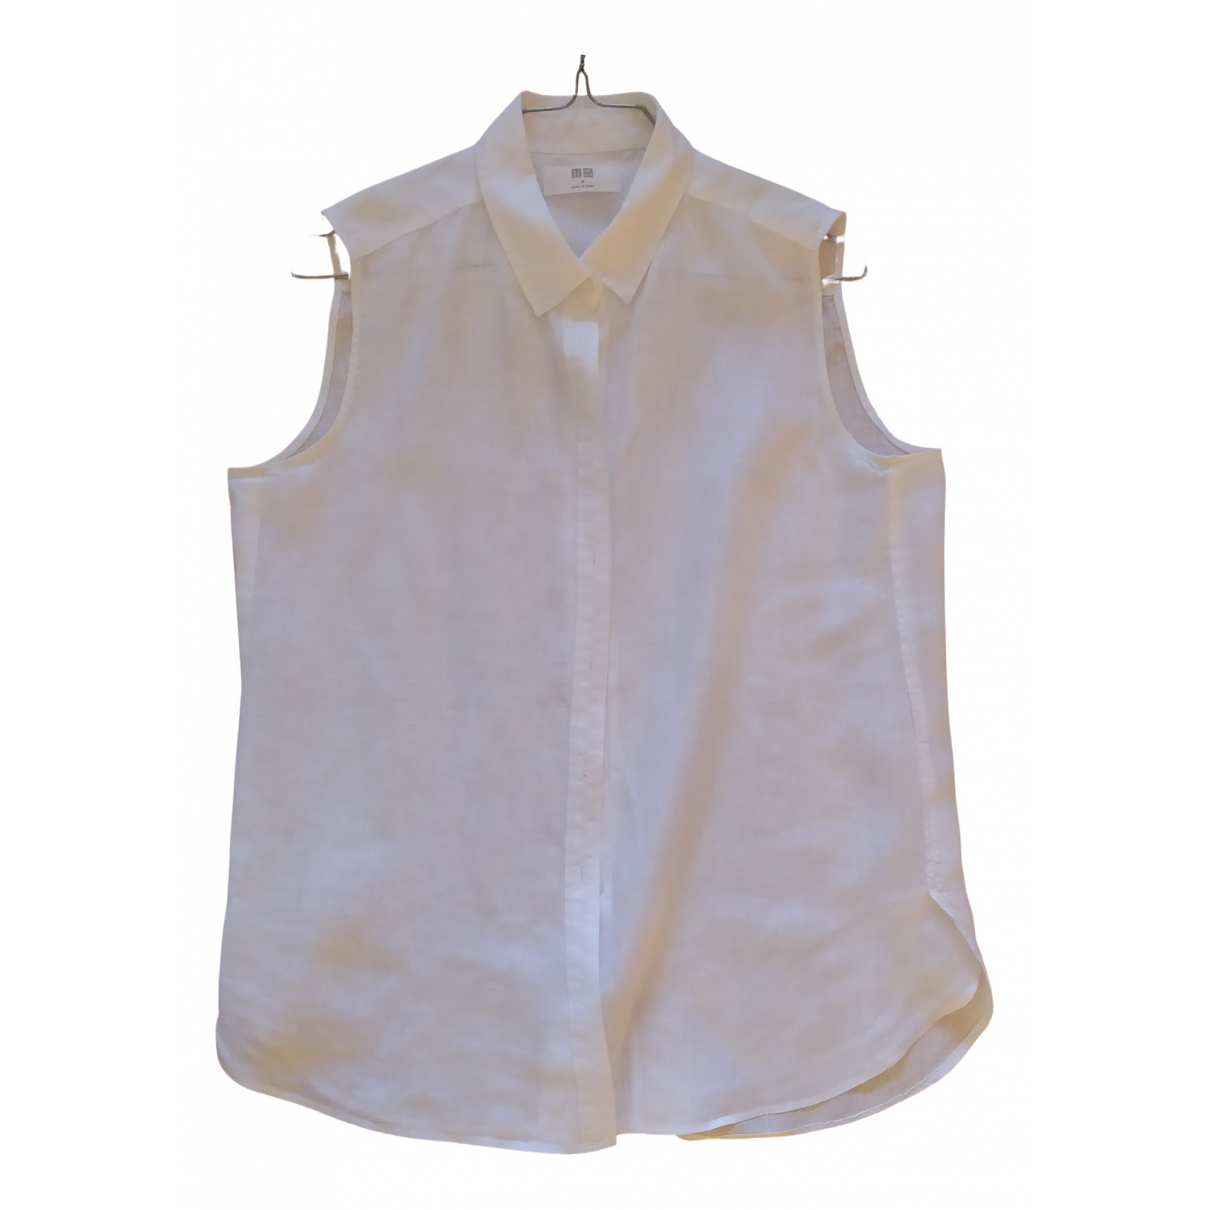 Uniqlo - Top   pour femme en lin - blanc